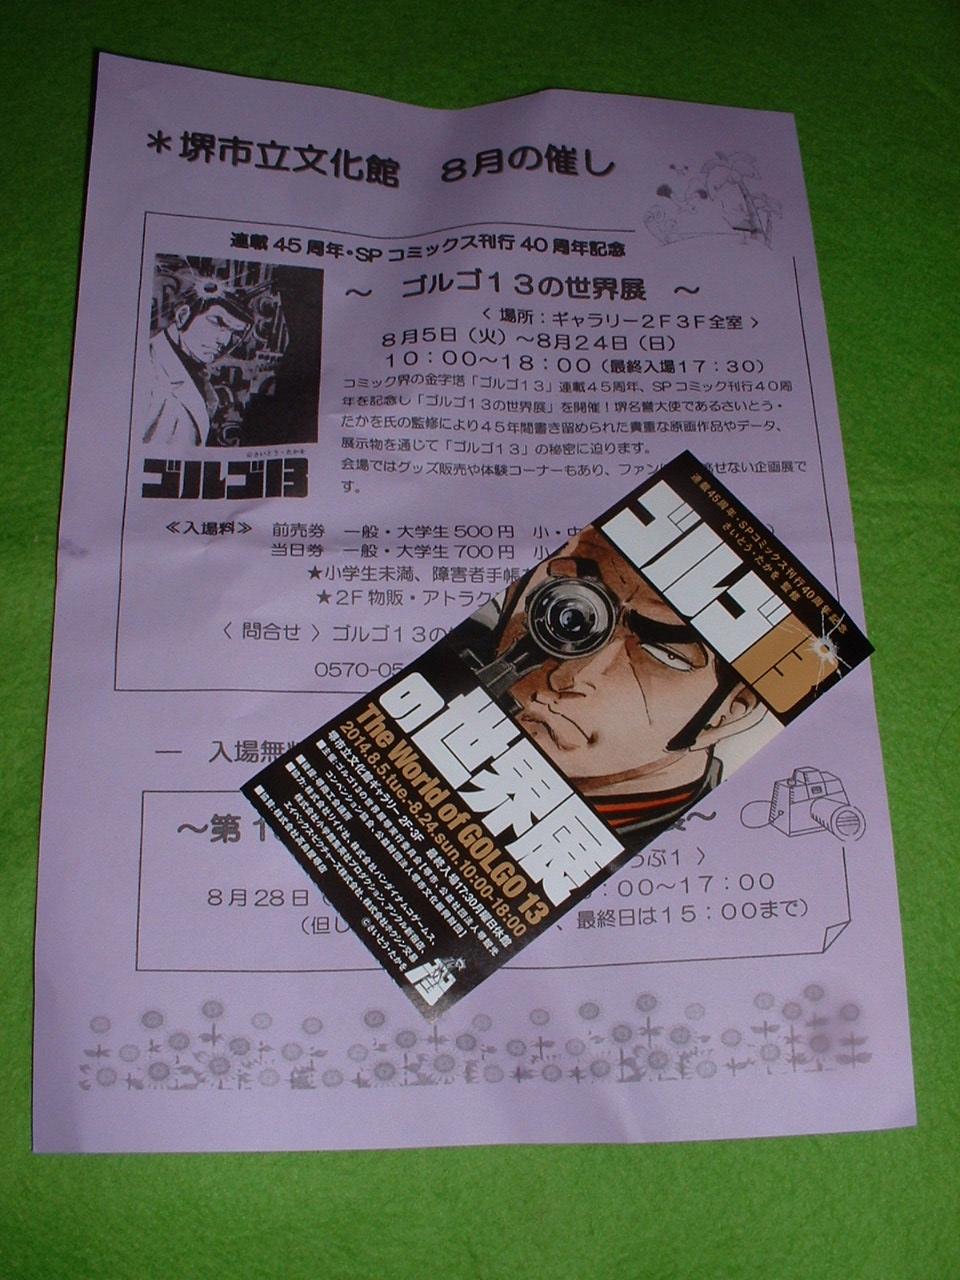 2014.08.10のお出かけ「ゴルゴ13の世界展」 Doburoku-TAO.JPG